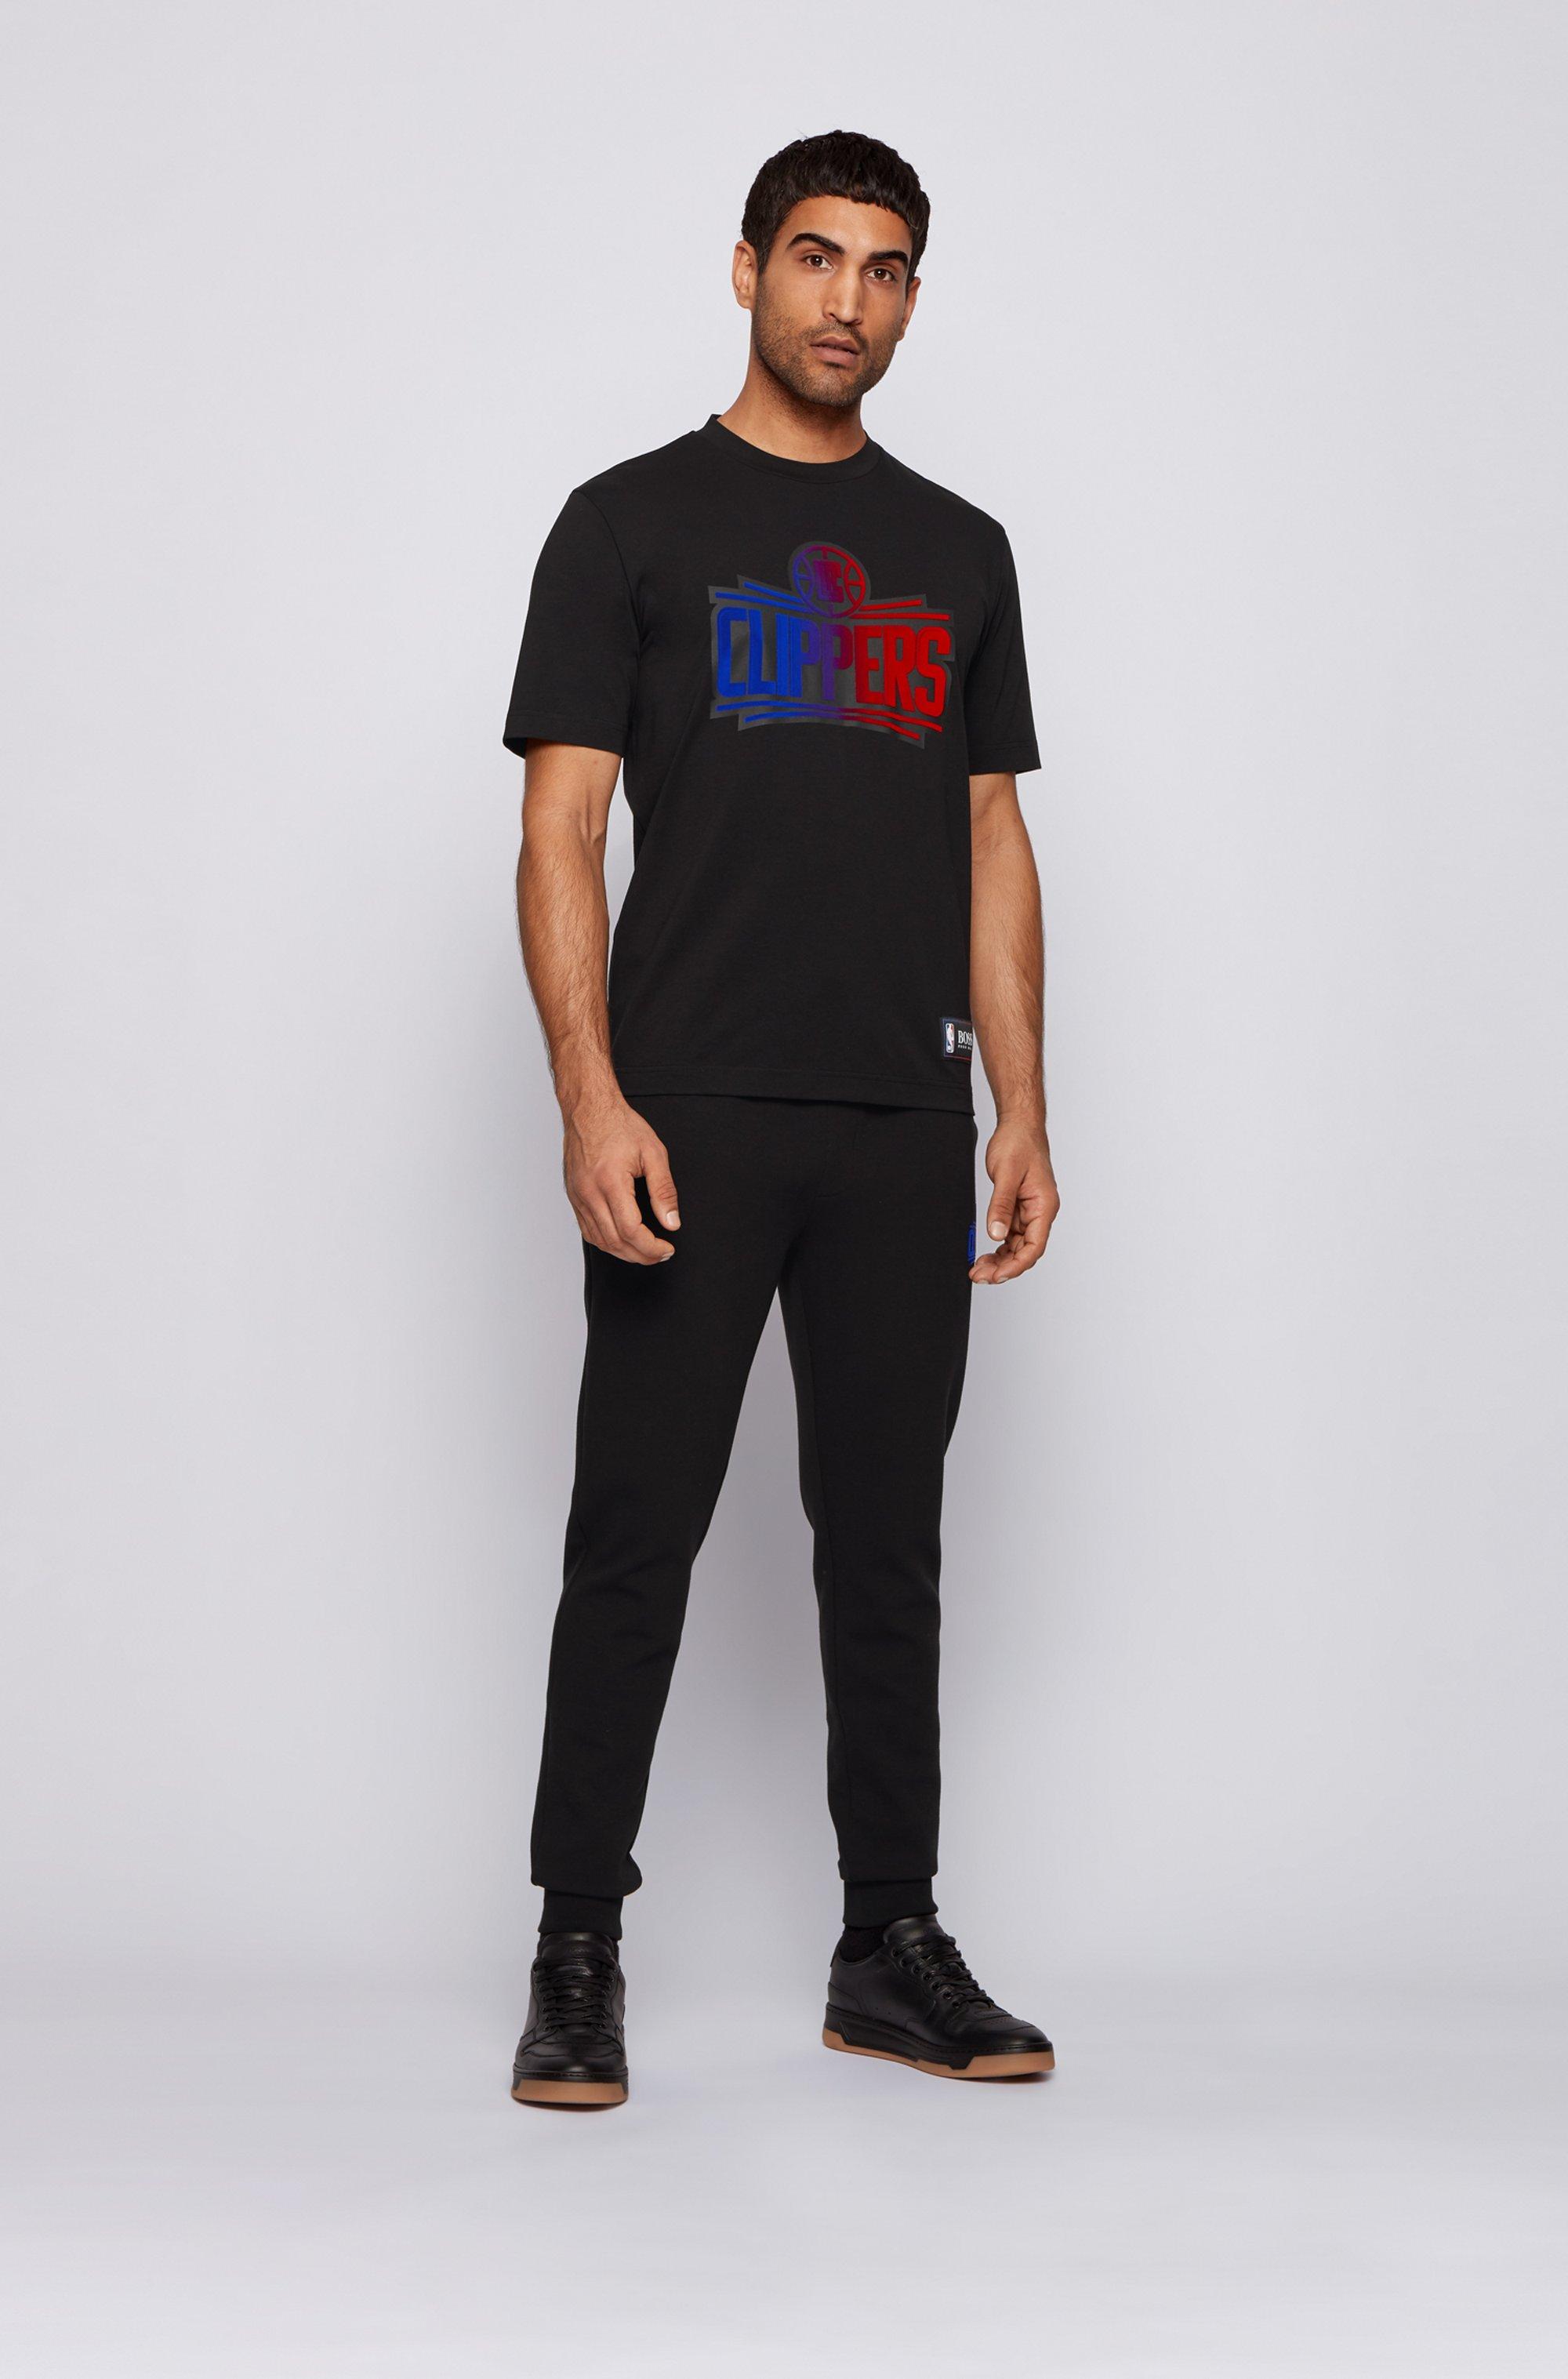 BOSS x NBA T-shirt with team logo